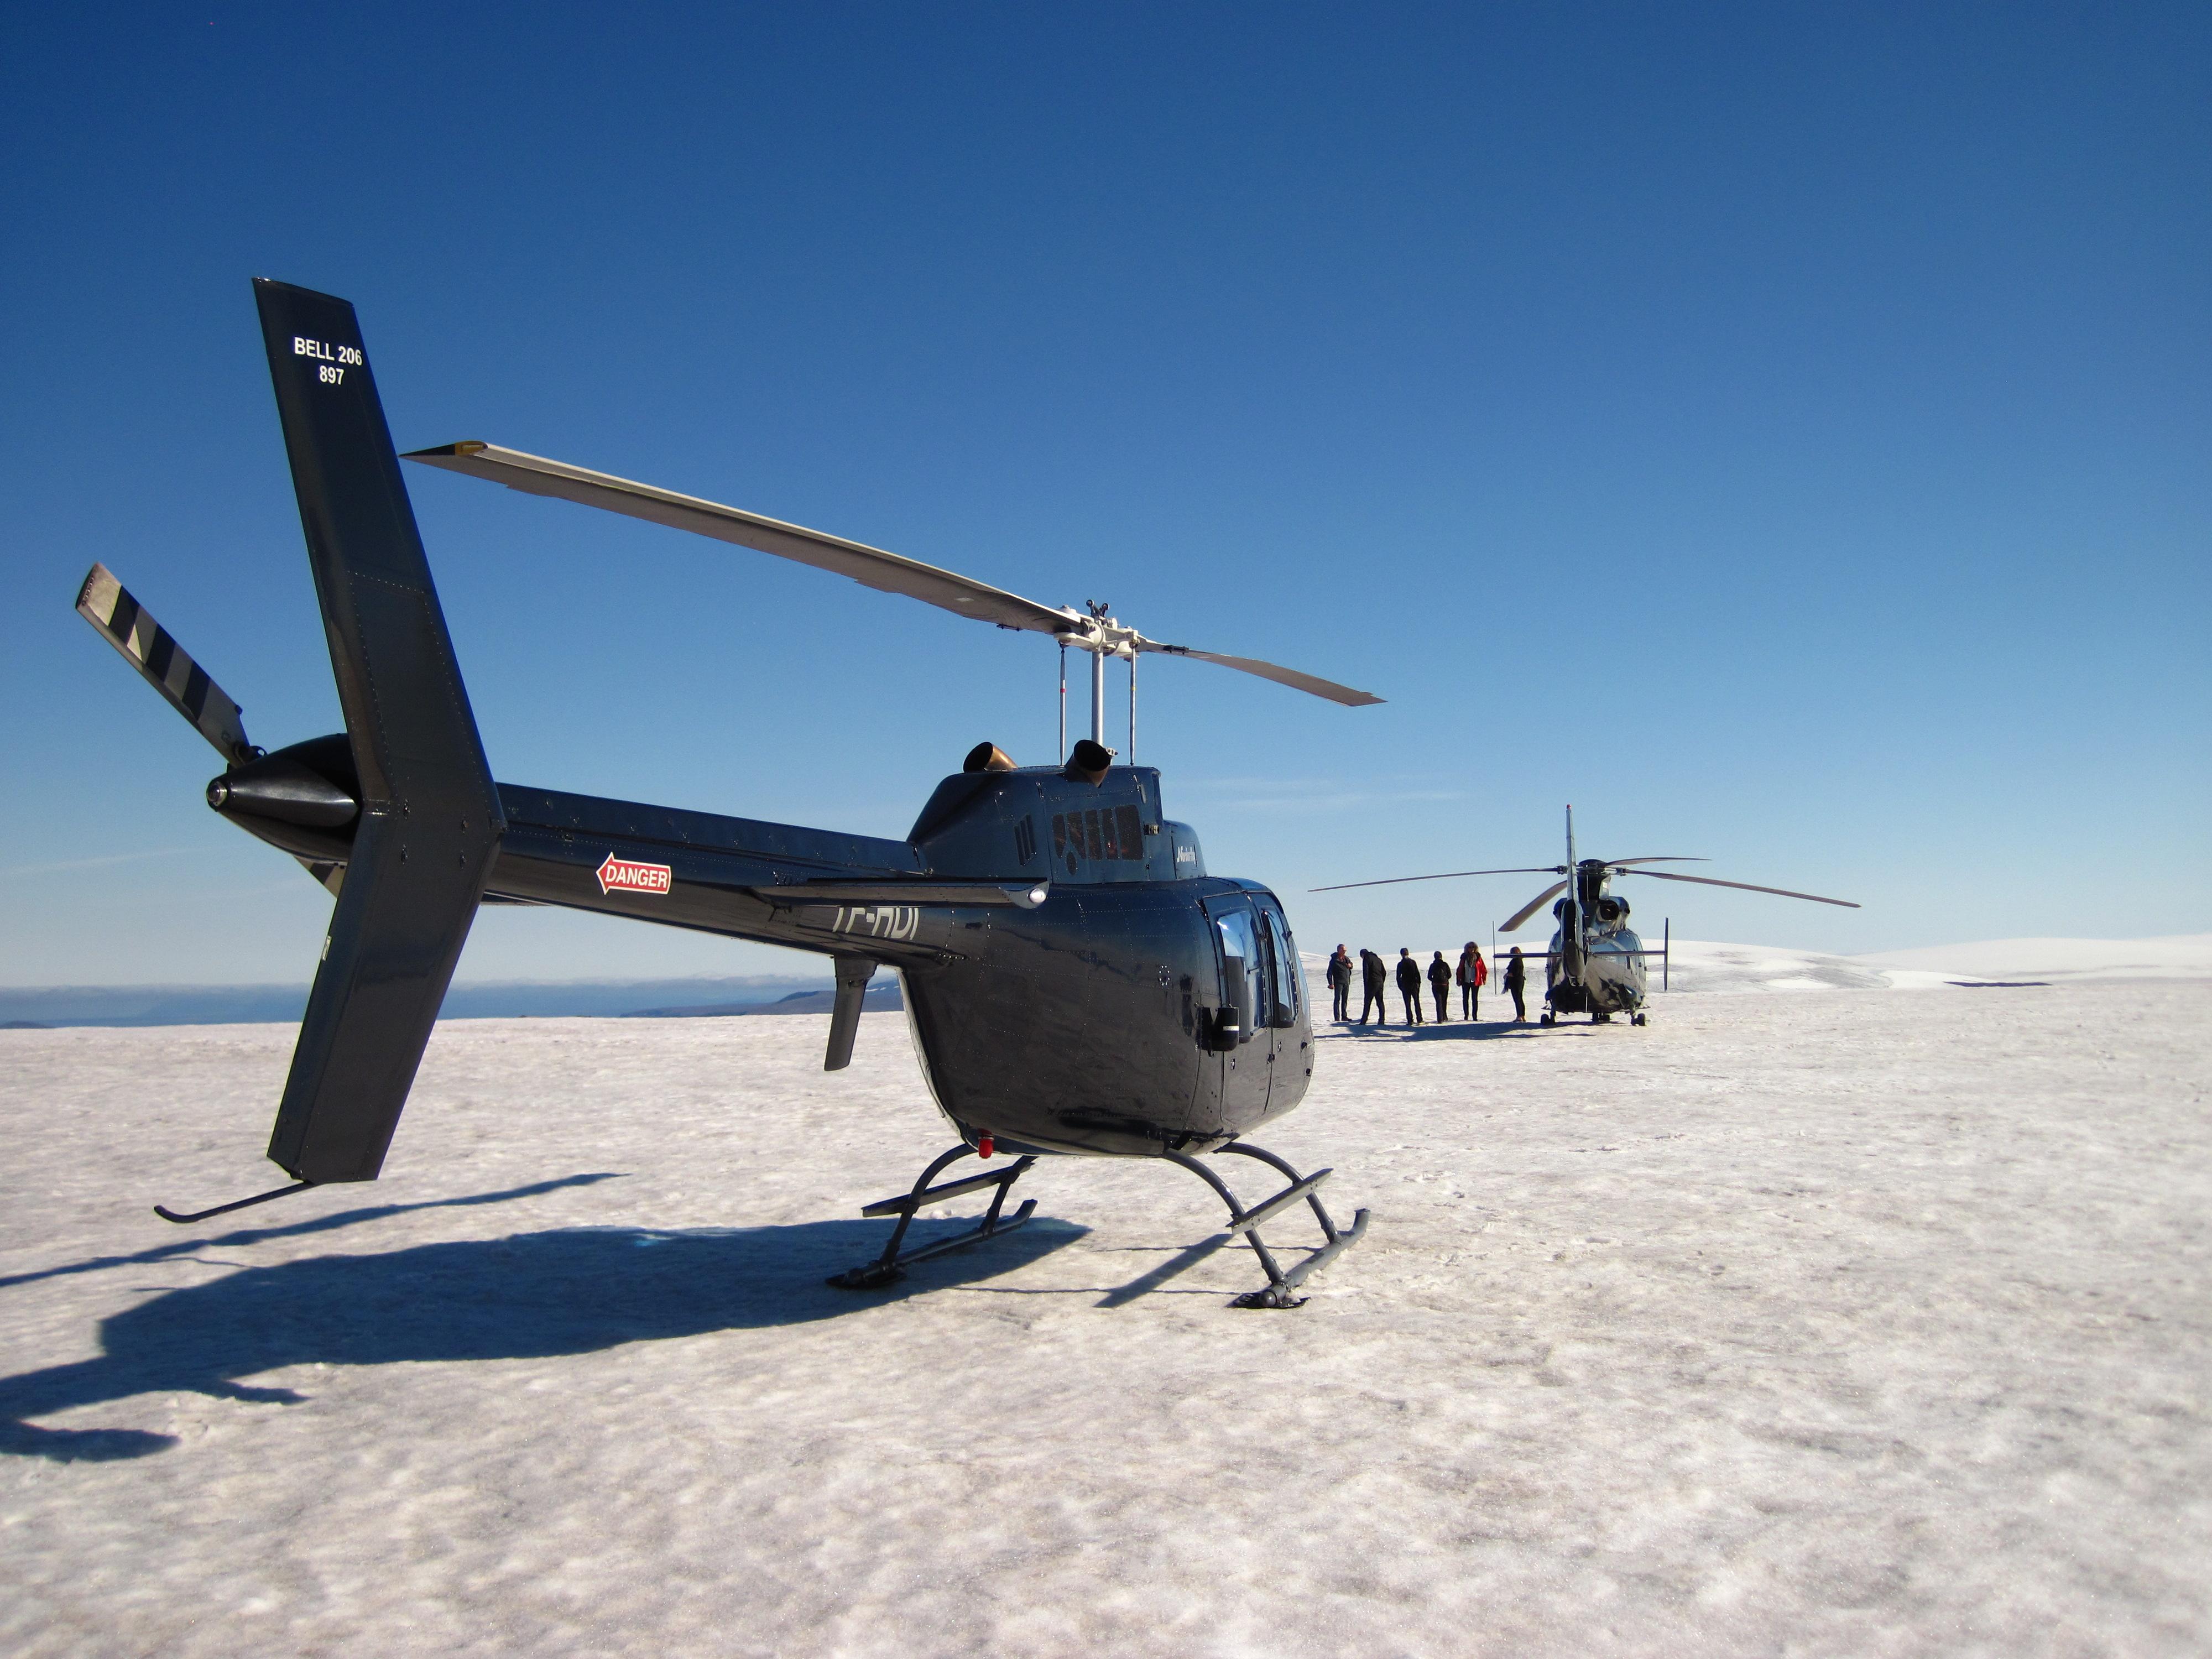 ทำไมต้องไปปีนธารน้ำแข็งในเมื่อคุณสามารถไปถึงที่นั่นได้ง่ายๆ